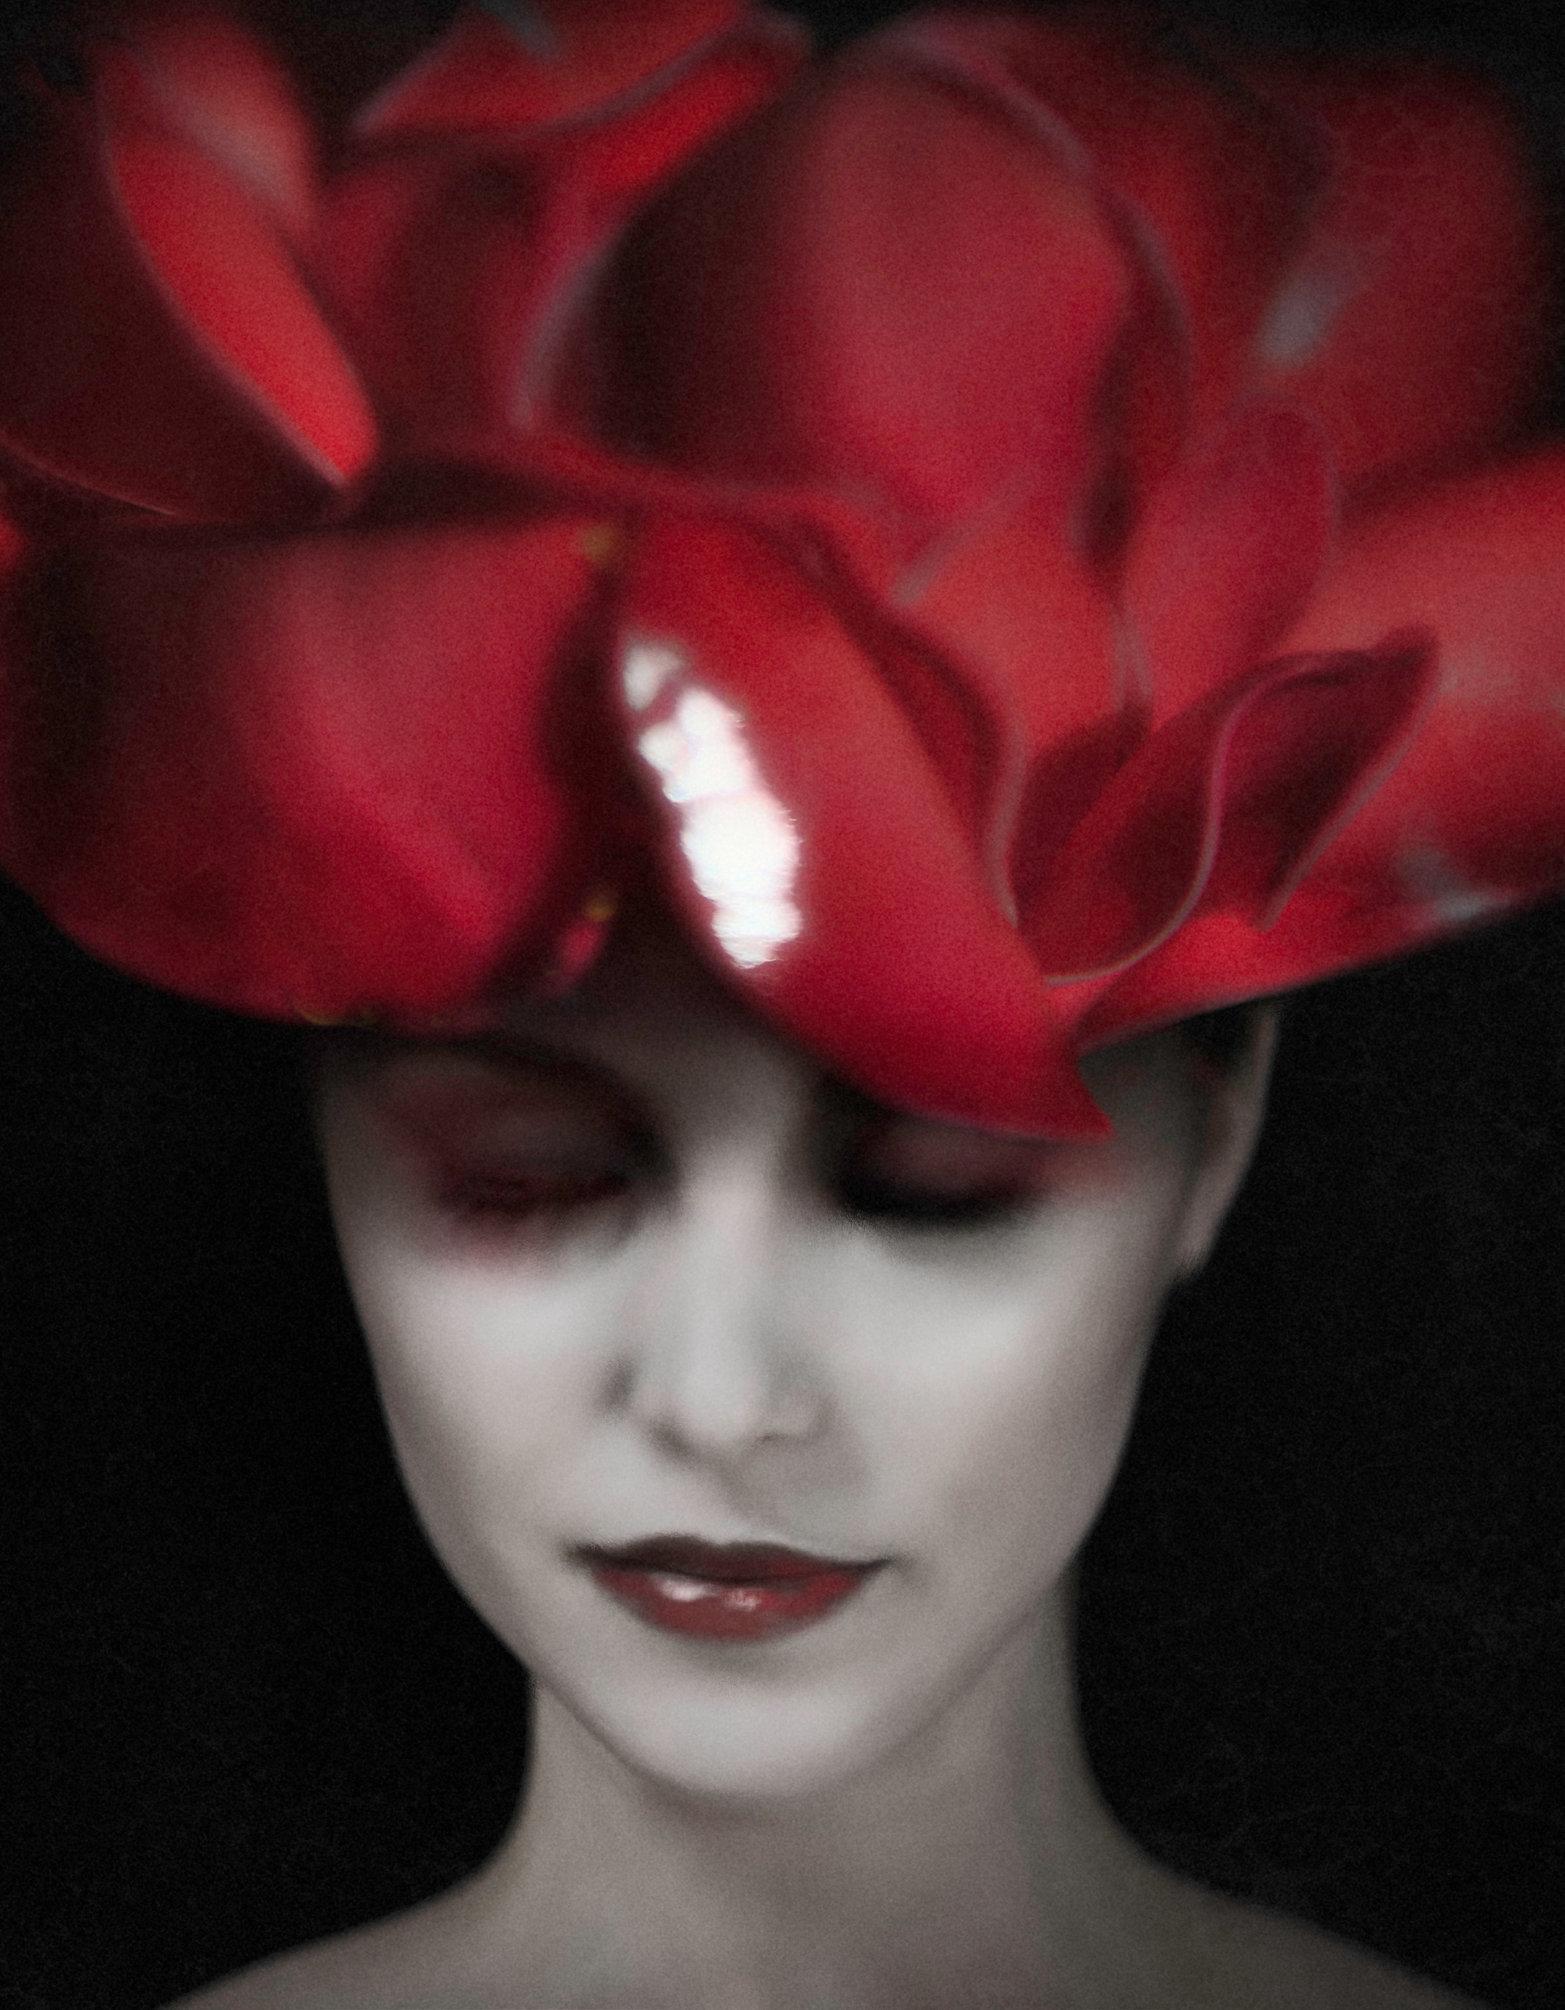 rode hoed 4.jpg